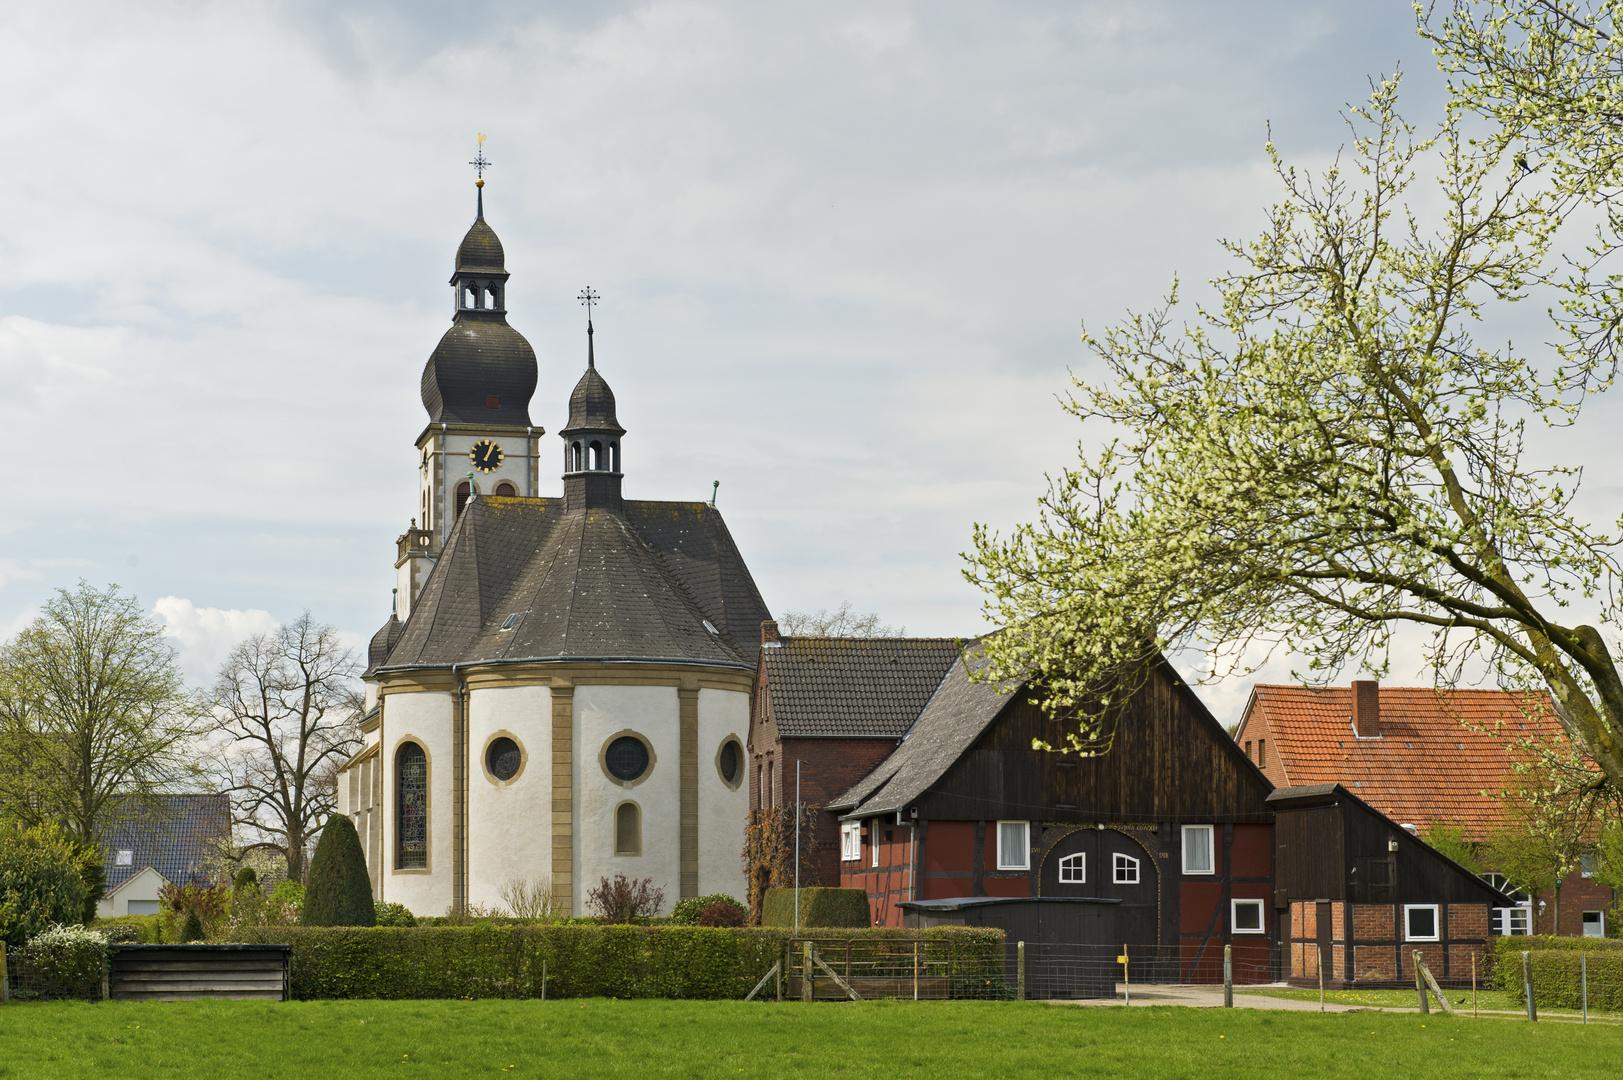 St. Vitus Kirche in Rheda-Wiedenbrück